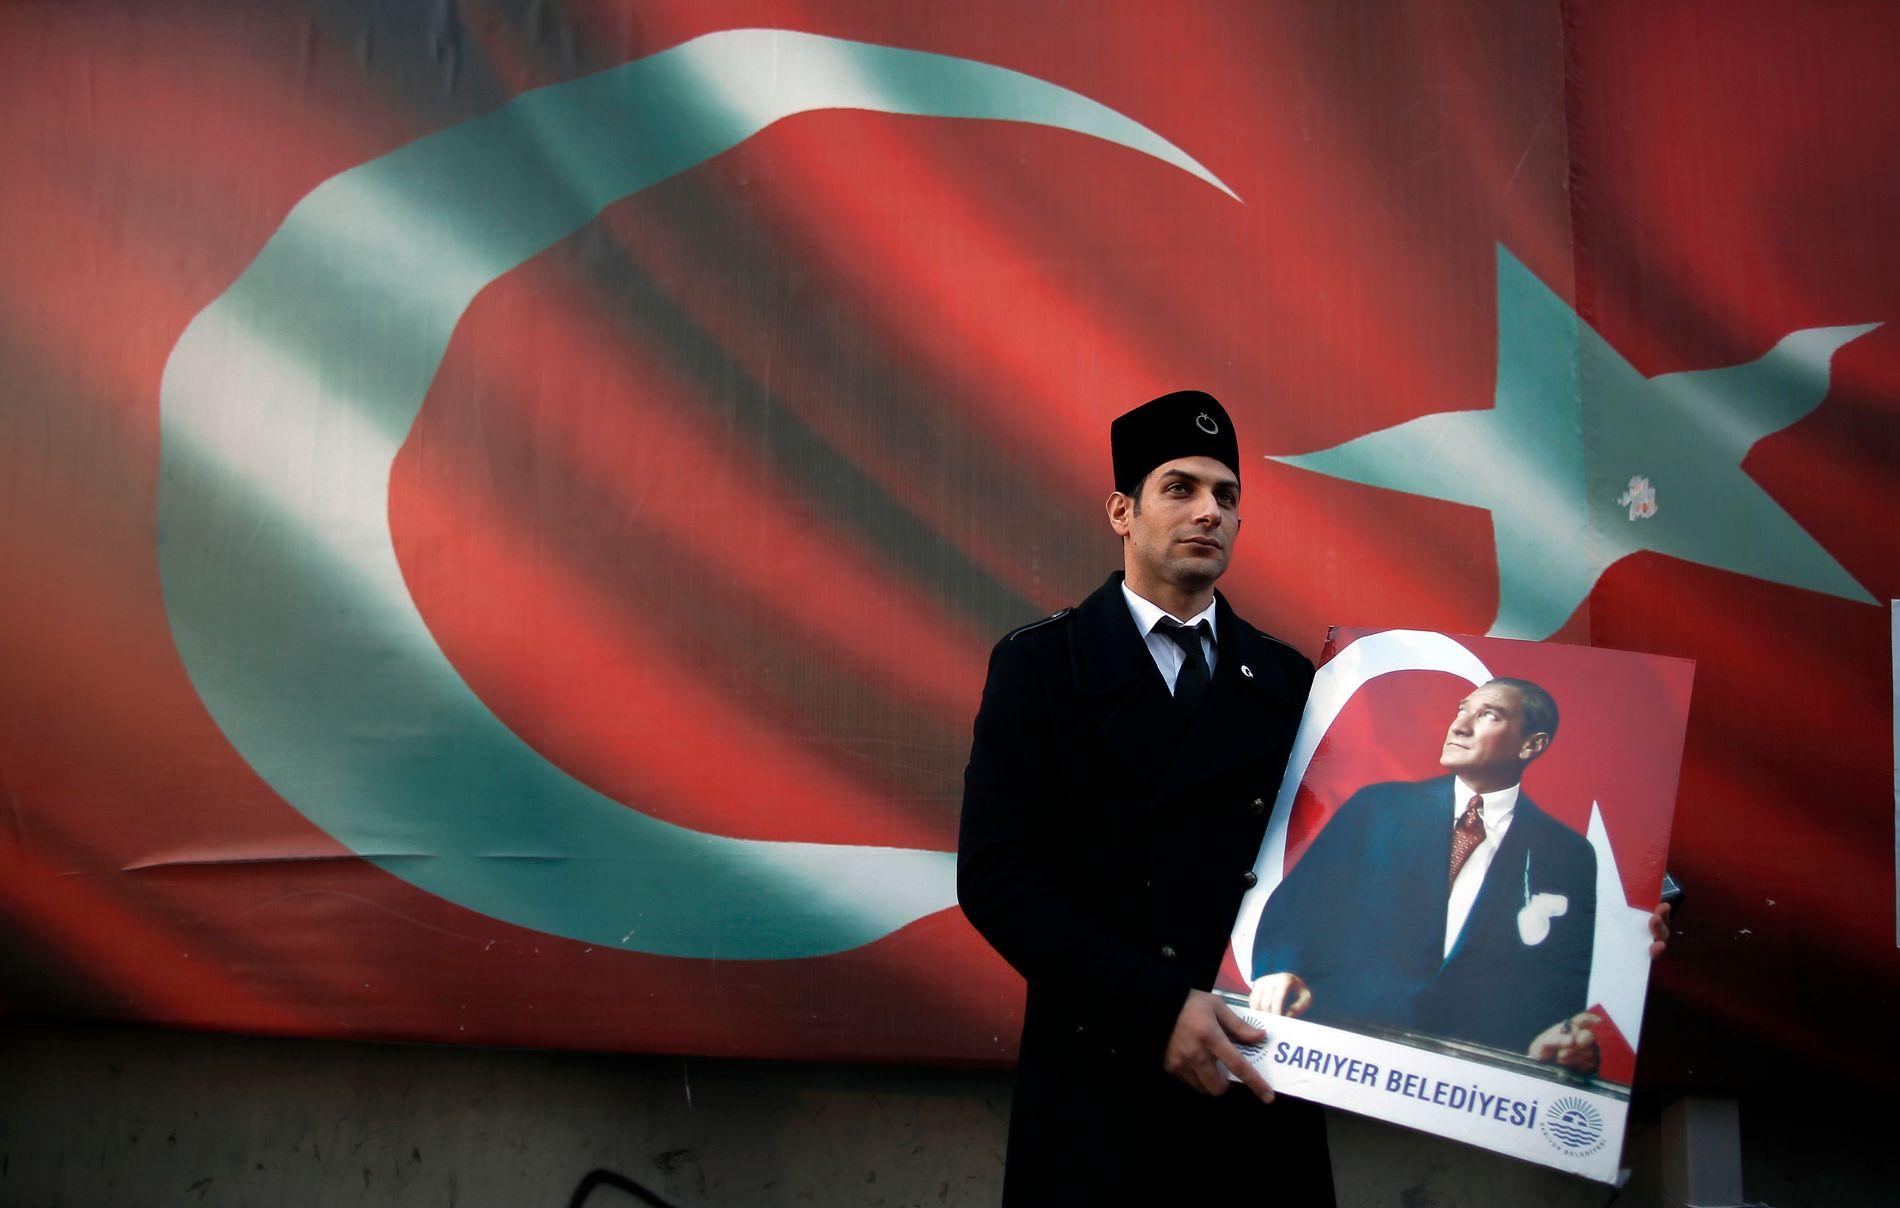 PROTEST: Den demonstrant utenfor redaksjonslokalene til den nedstengte opposisjonsavisen Cumhuriet denne uken bærer en plakat av den tyrkiske landsfaderen Mustafa Kemal Ataturk. Minst 13 seniormedarbeidere i avisen skal være fengslet.